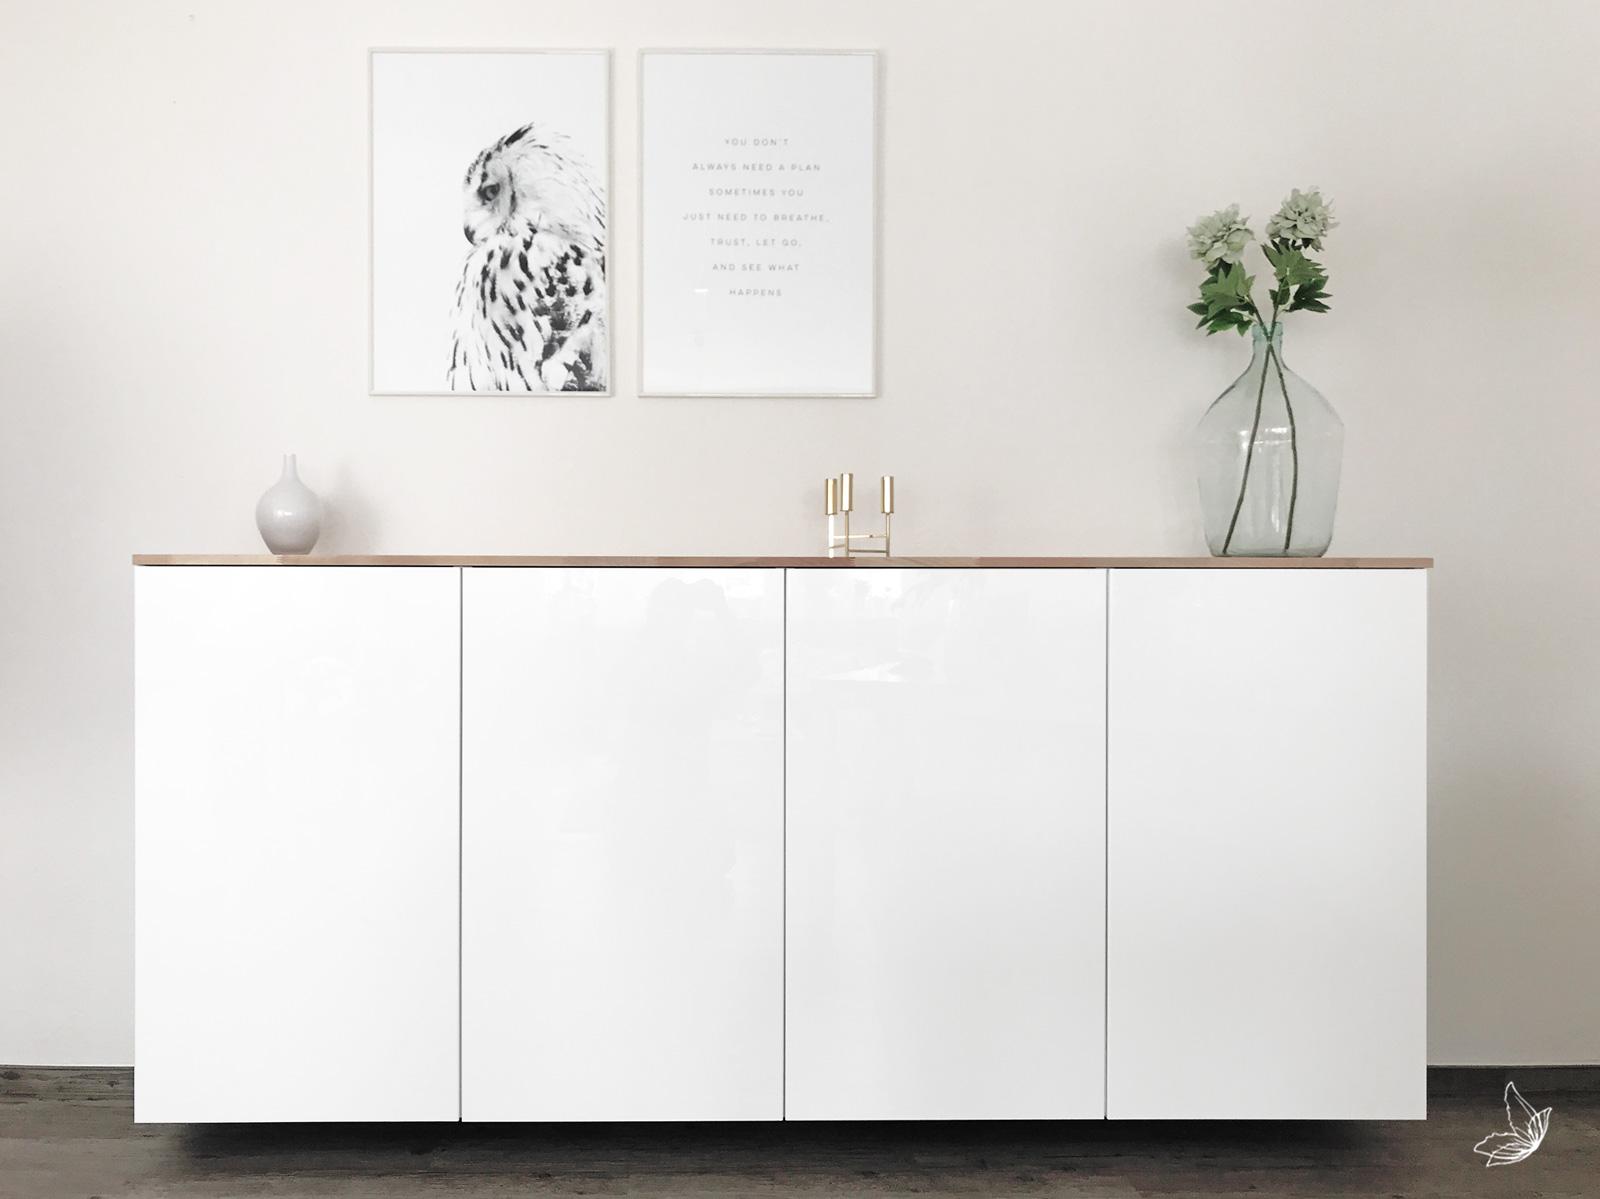 Full Size of Schrankküche Ikea Hack Metod Kchenschrank Als Sideboard Küche Kosten Kaufen Betten 160x200 Modulküche Bei Miniküche Sofa Mit Schlaffunktion Wohnzimmer Schrankküche Ikea